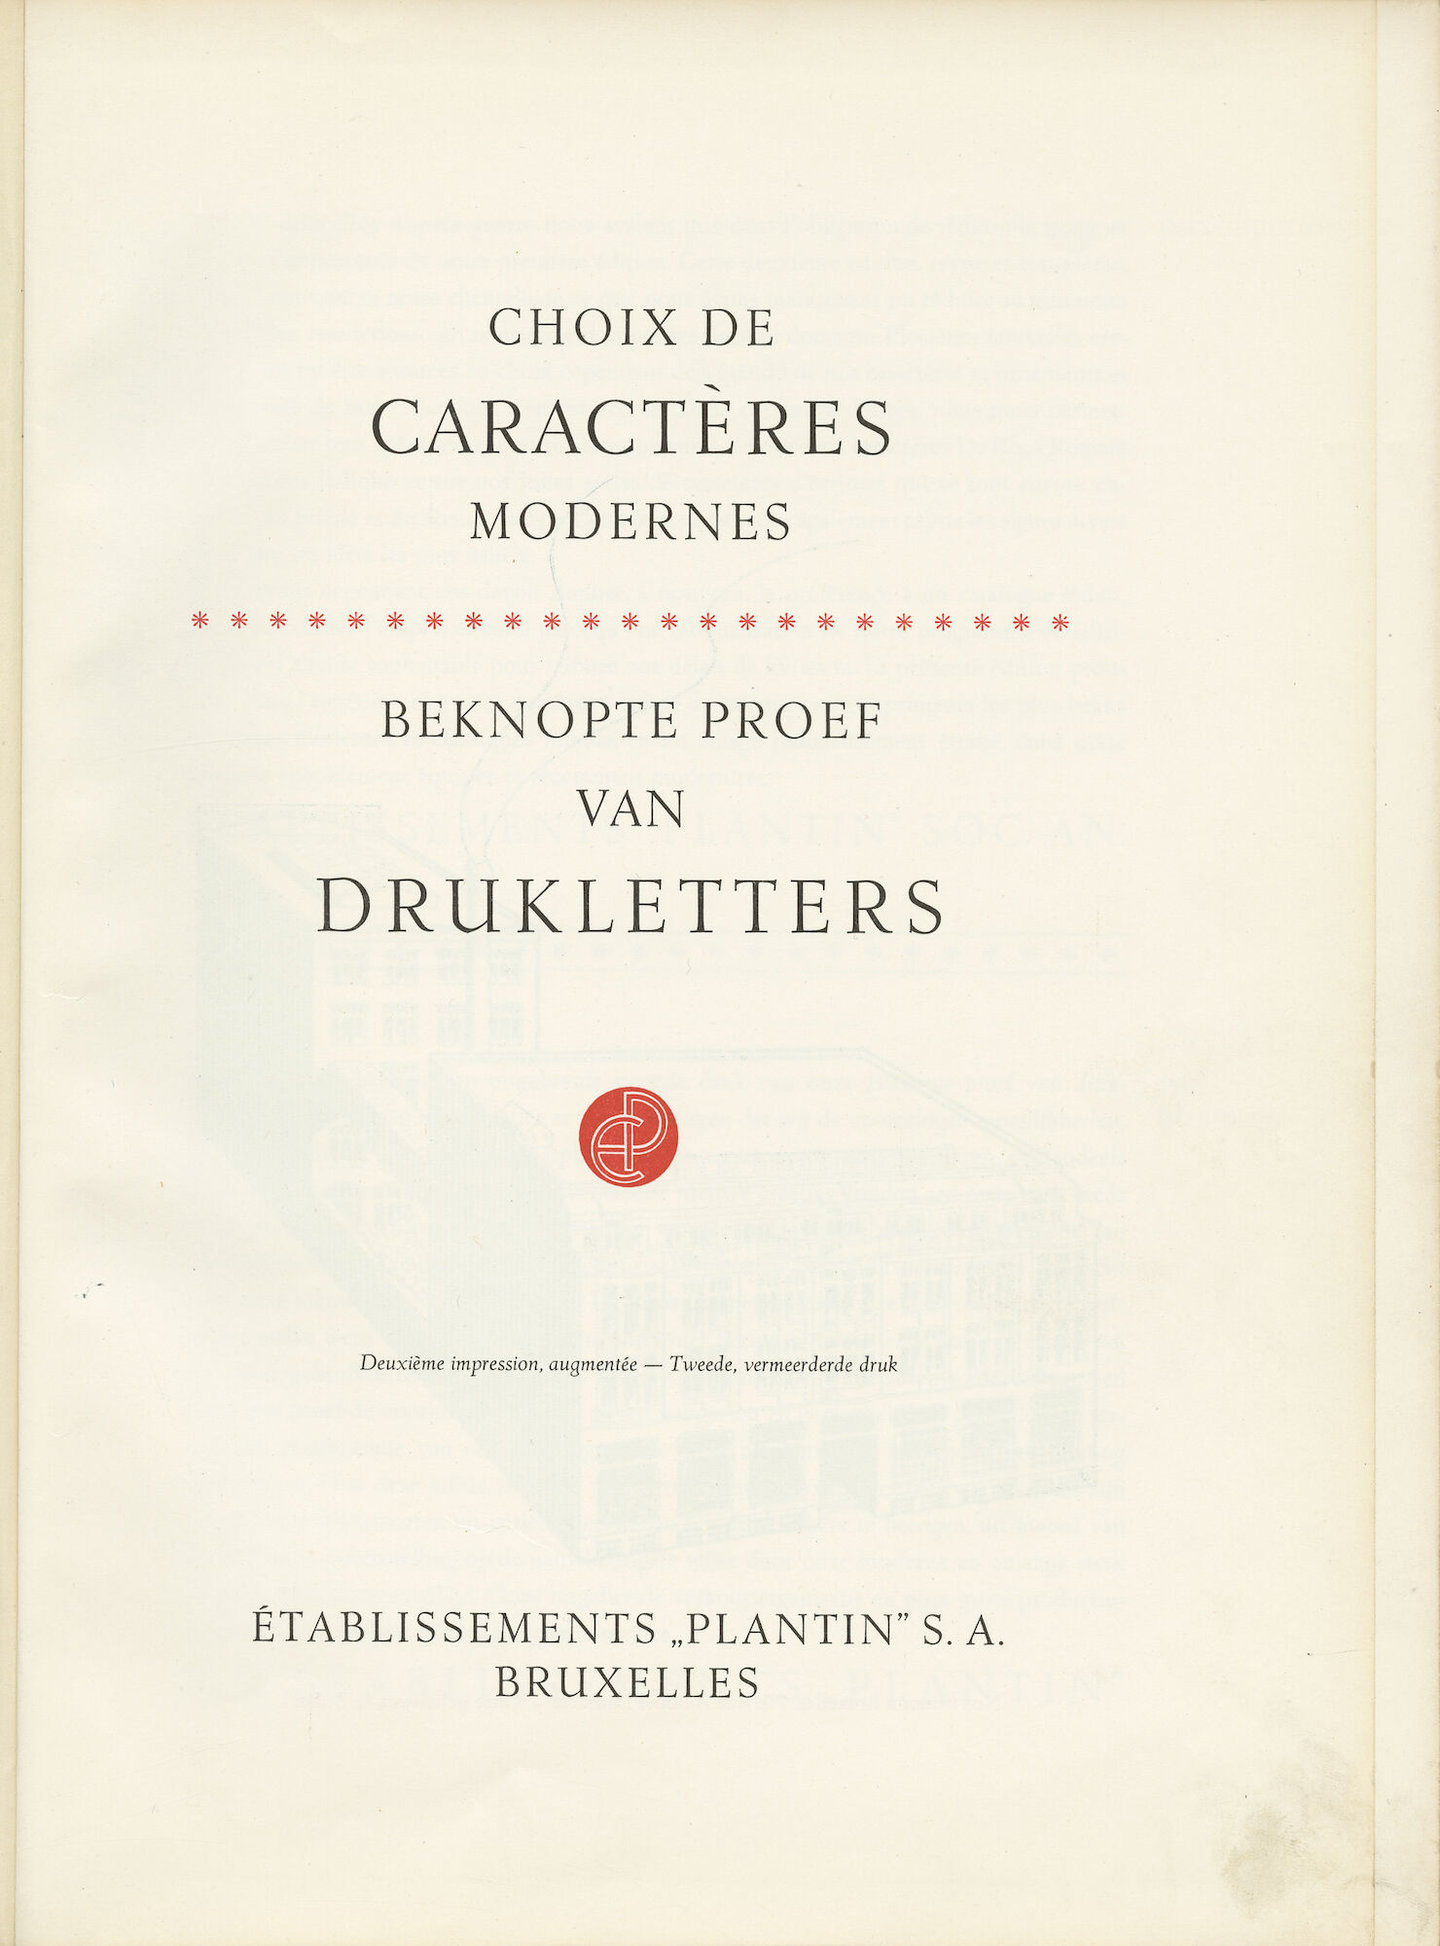 Letterproefboek 'Beknopte proef van drukletters' van Plantin